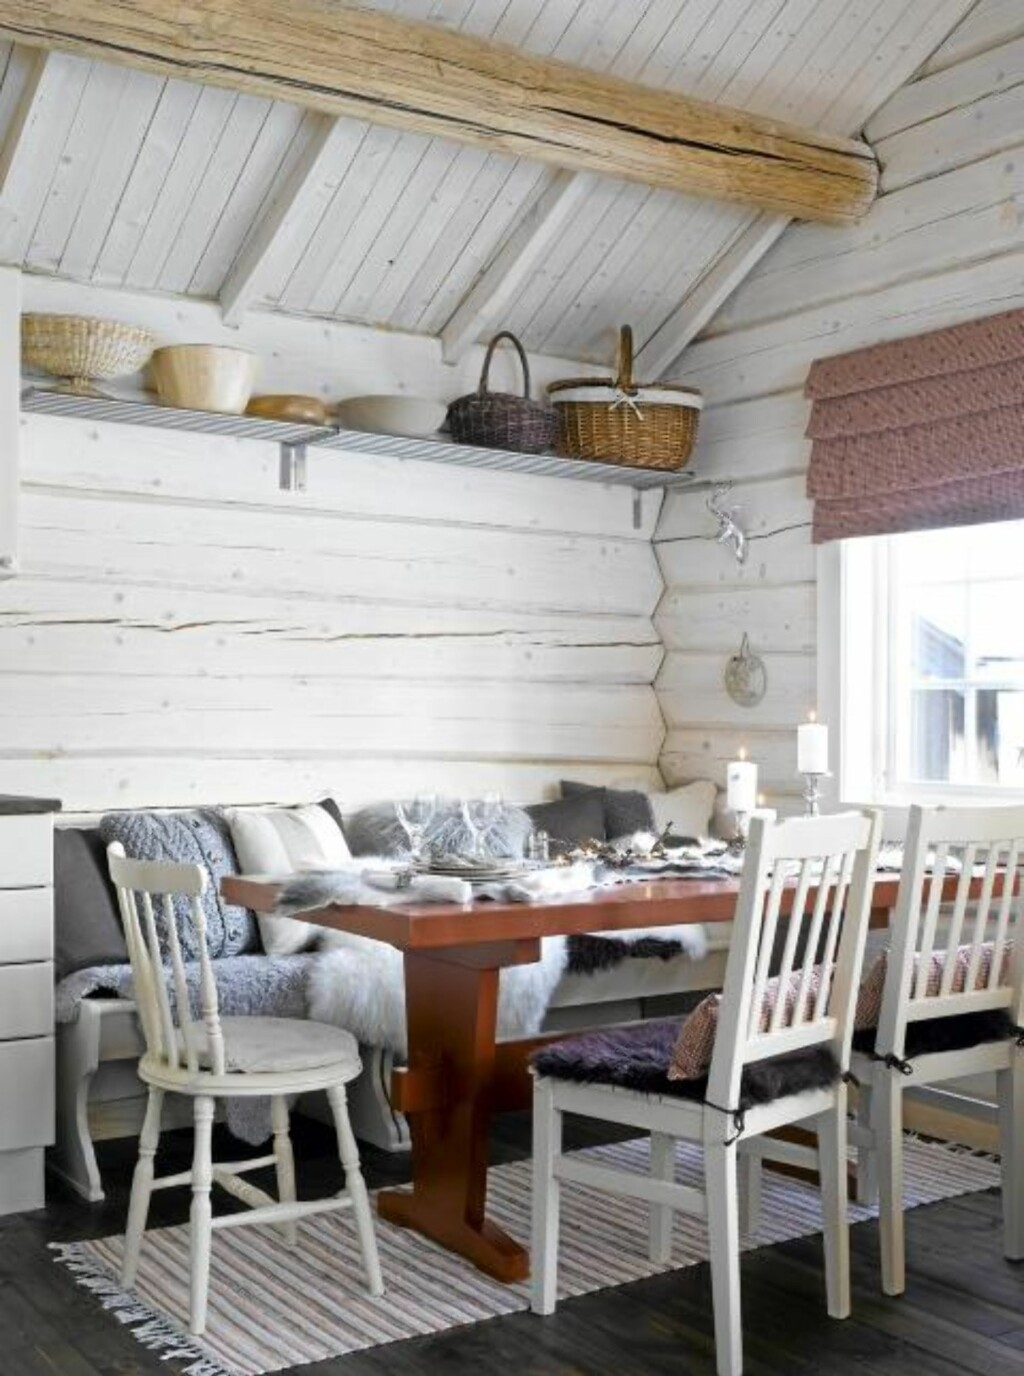 INNBYR TIL HYGGE: Bord og stoler har Anita og Jan Erik fått, mens sittebenken er kjøpt brukt. Kurvene som Anita har samlet gjennom mange år, har endelig kommet til sin rett på en hylle oppunder taket. FOTO: Per Erik Jæger